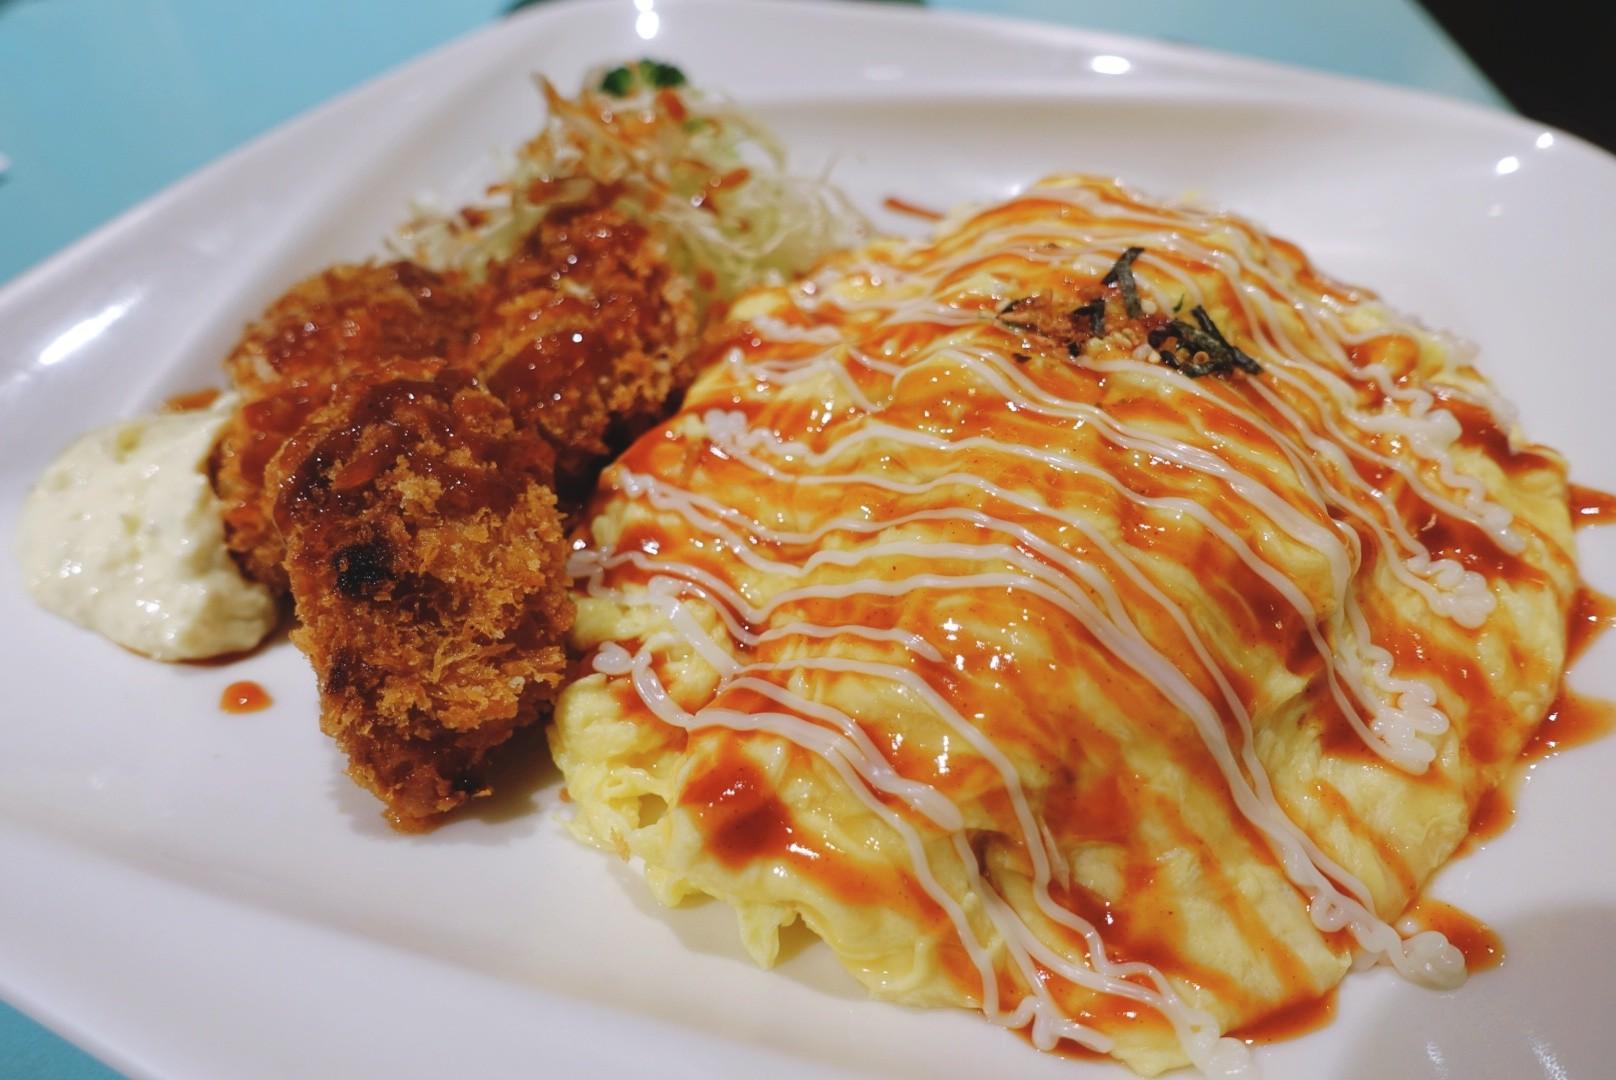 【花蓮市區】菊川和風洋食館|平民價格的美味滑嫩蛋包飯